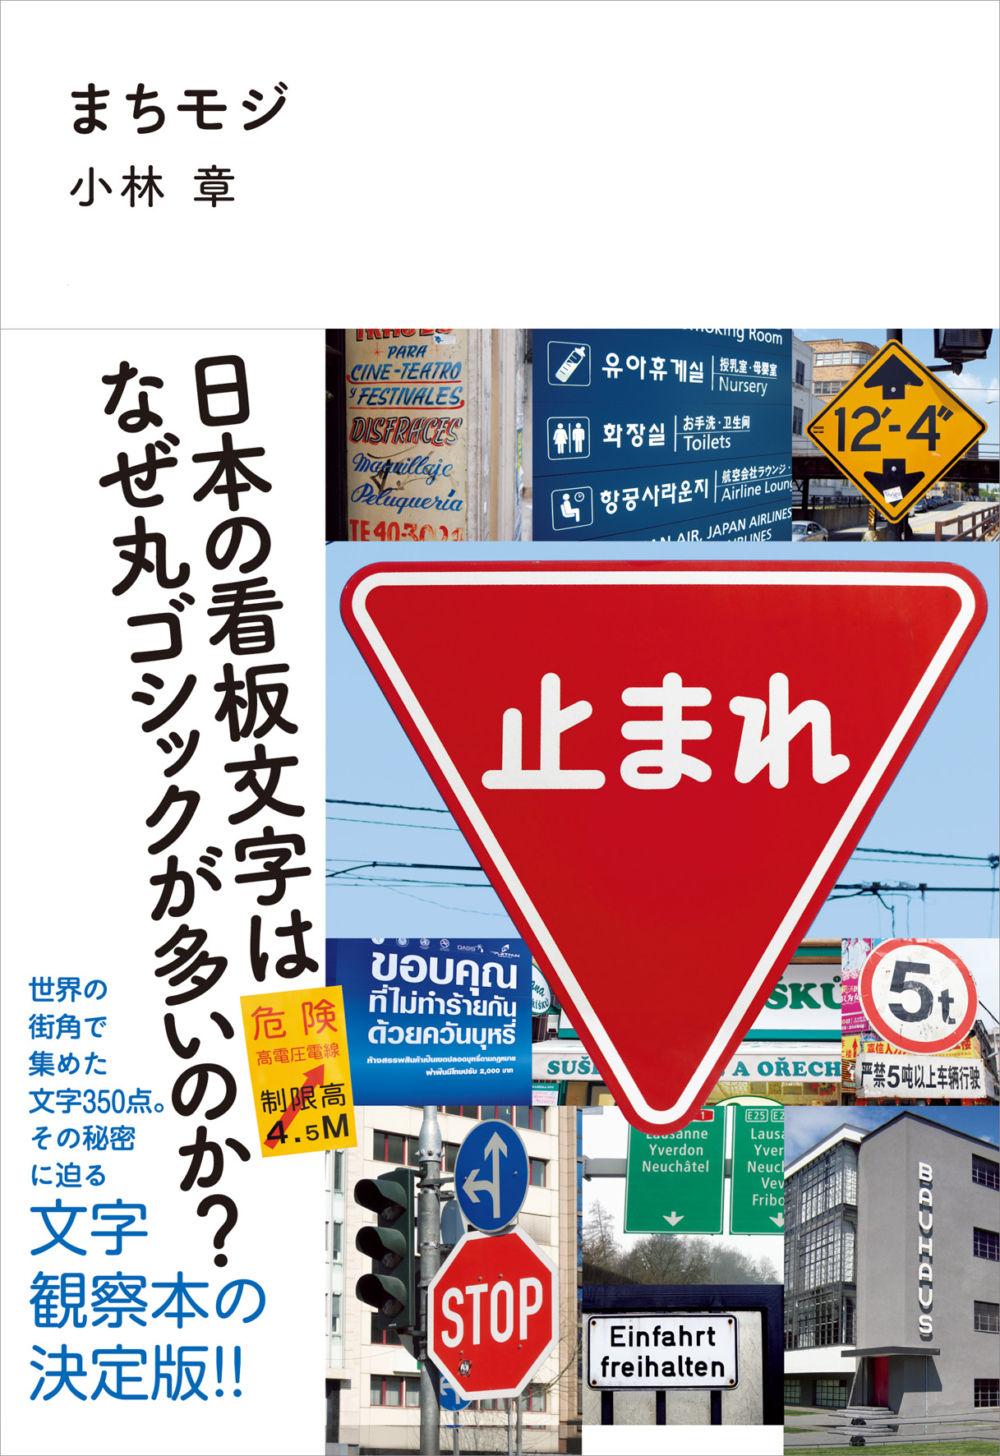 書籍『まちモジ 日本の看板文字はなぜ丸ゴシックが多いのか?』